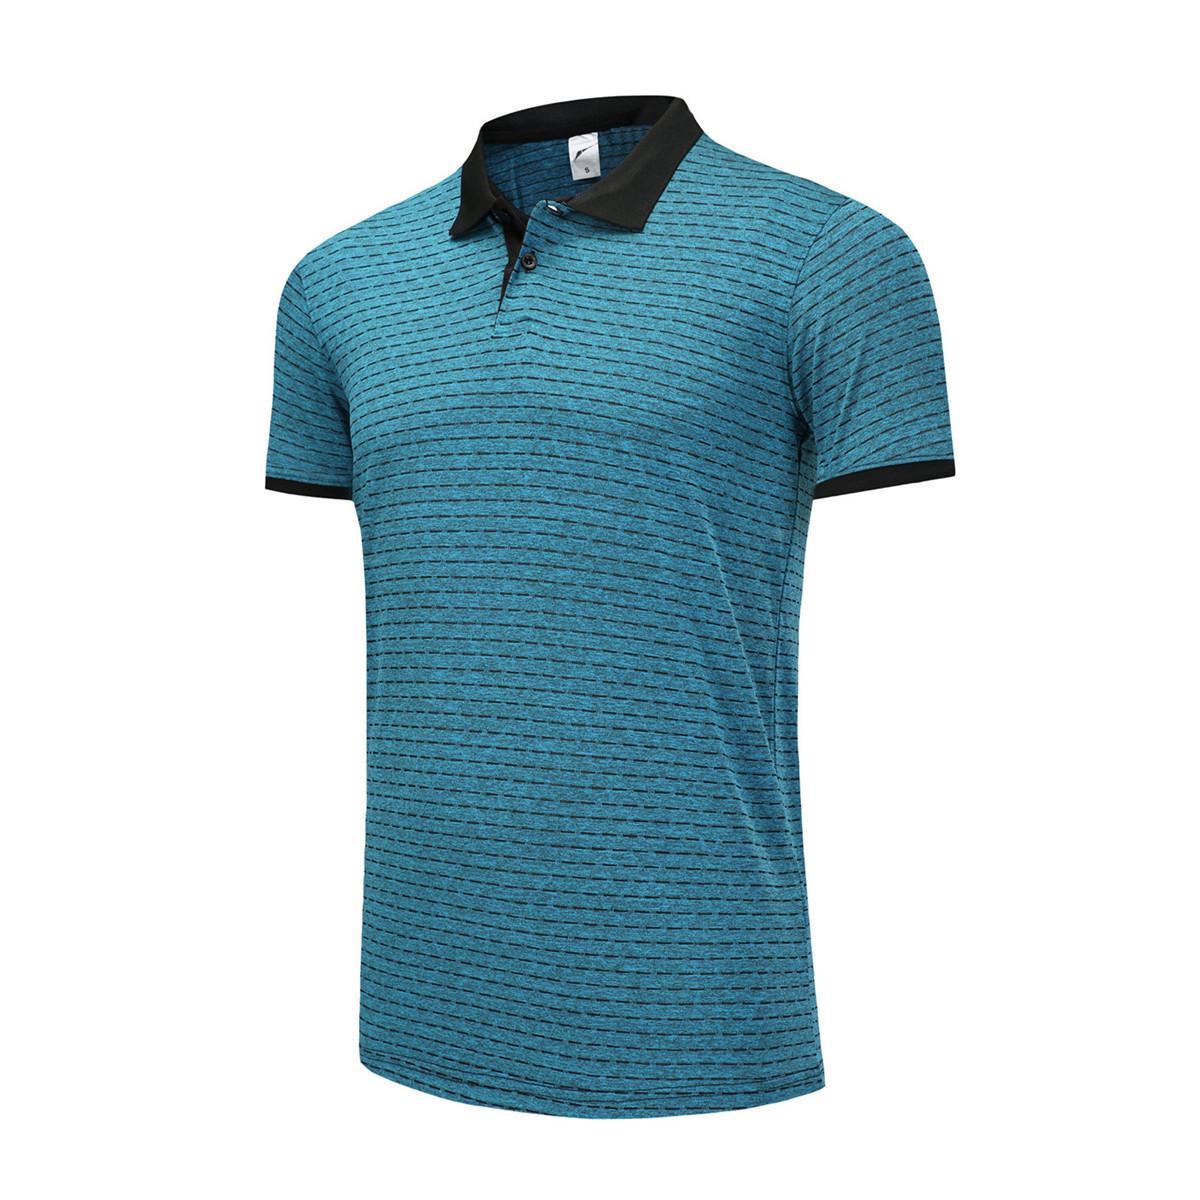 Masa Tenisi Goif gömlek Açık Spor Giyim Kit o l o Erkekler p Koşu tişört Spor Badminton Futbol Formalar GYM Giyim